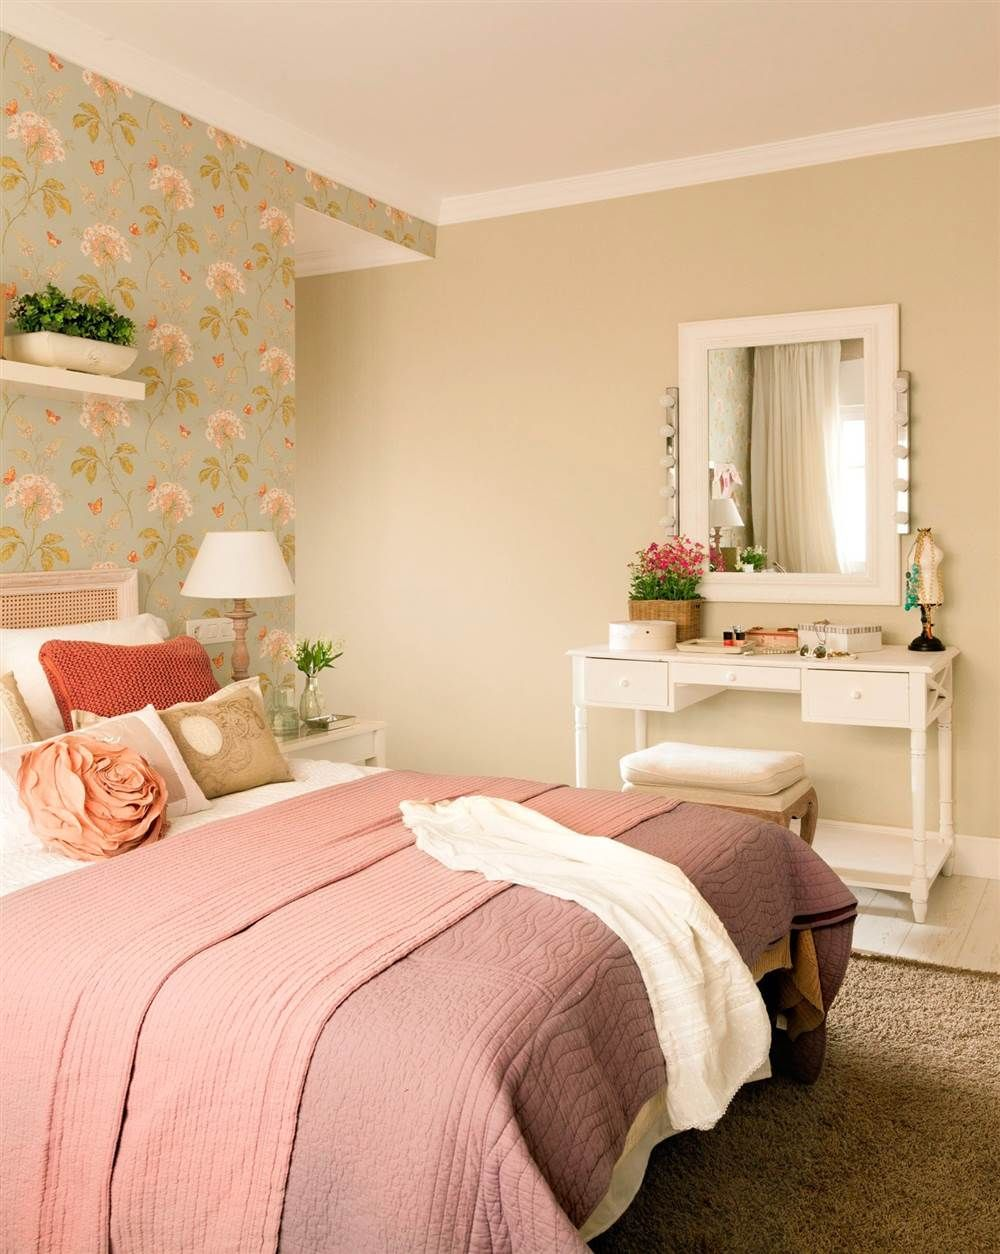 Dormitorio Con Papel Pintado Verde Con Flores Ropa De Cama Rosa  ~ Papel Pintado Para Habitacion Juvenil De Niña